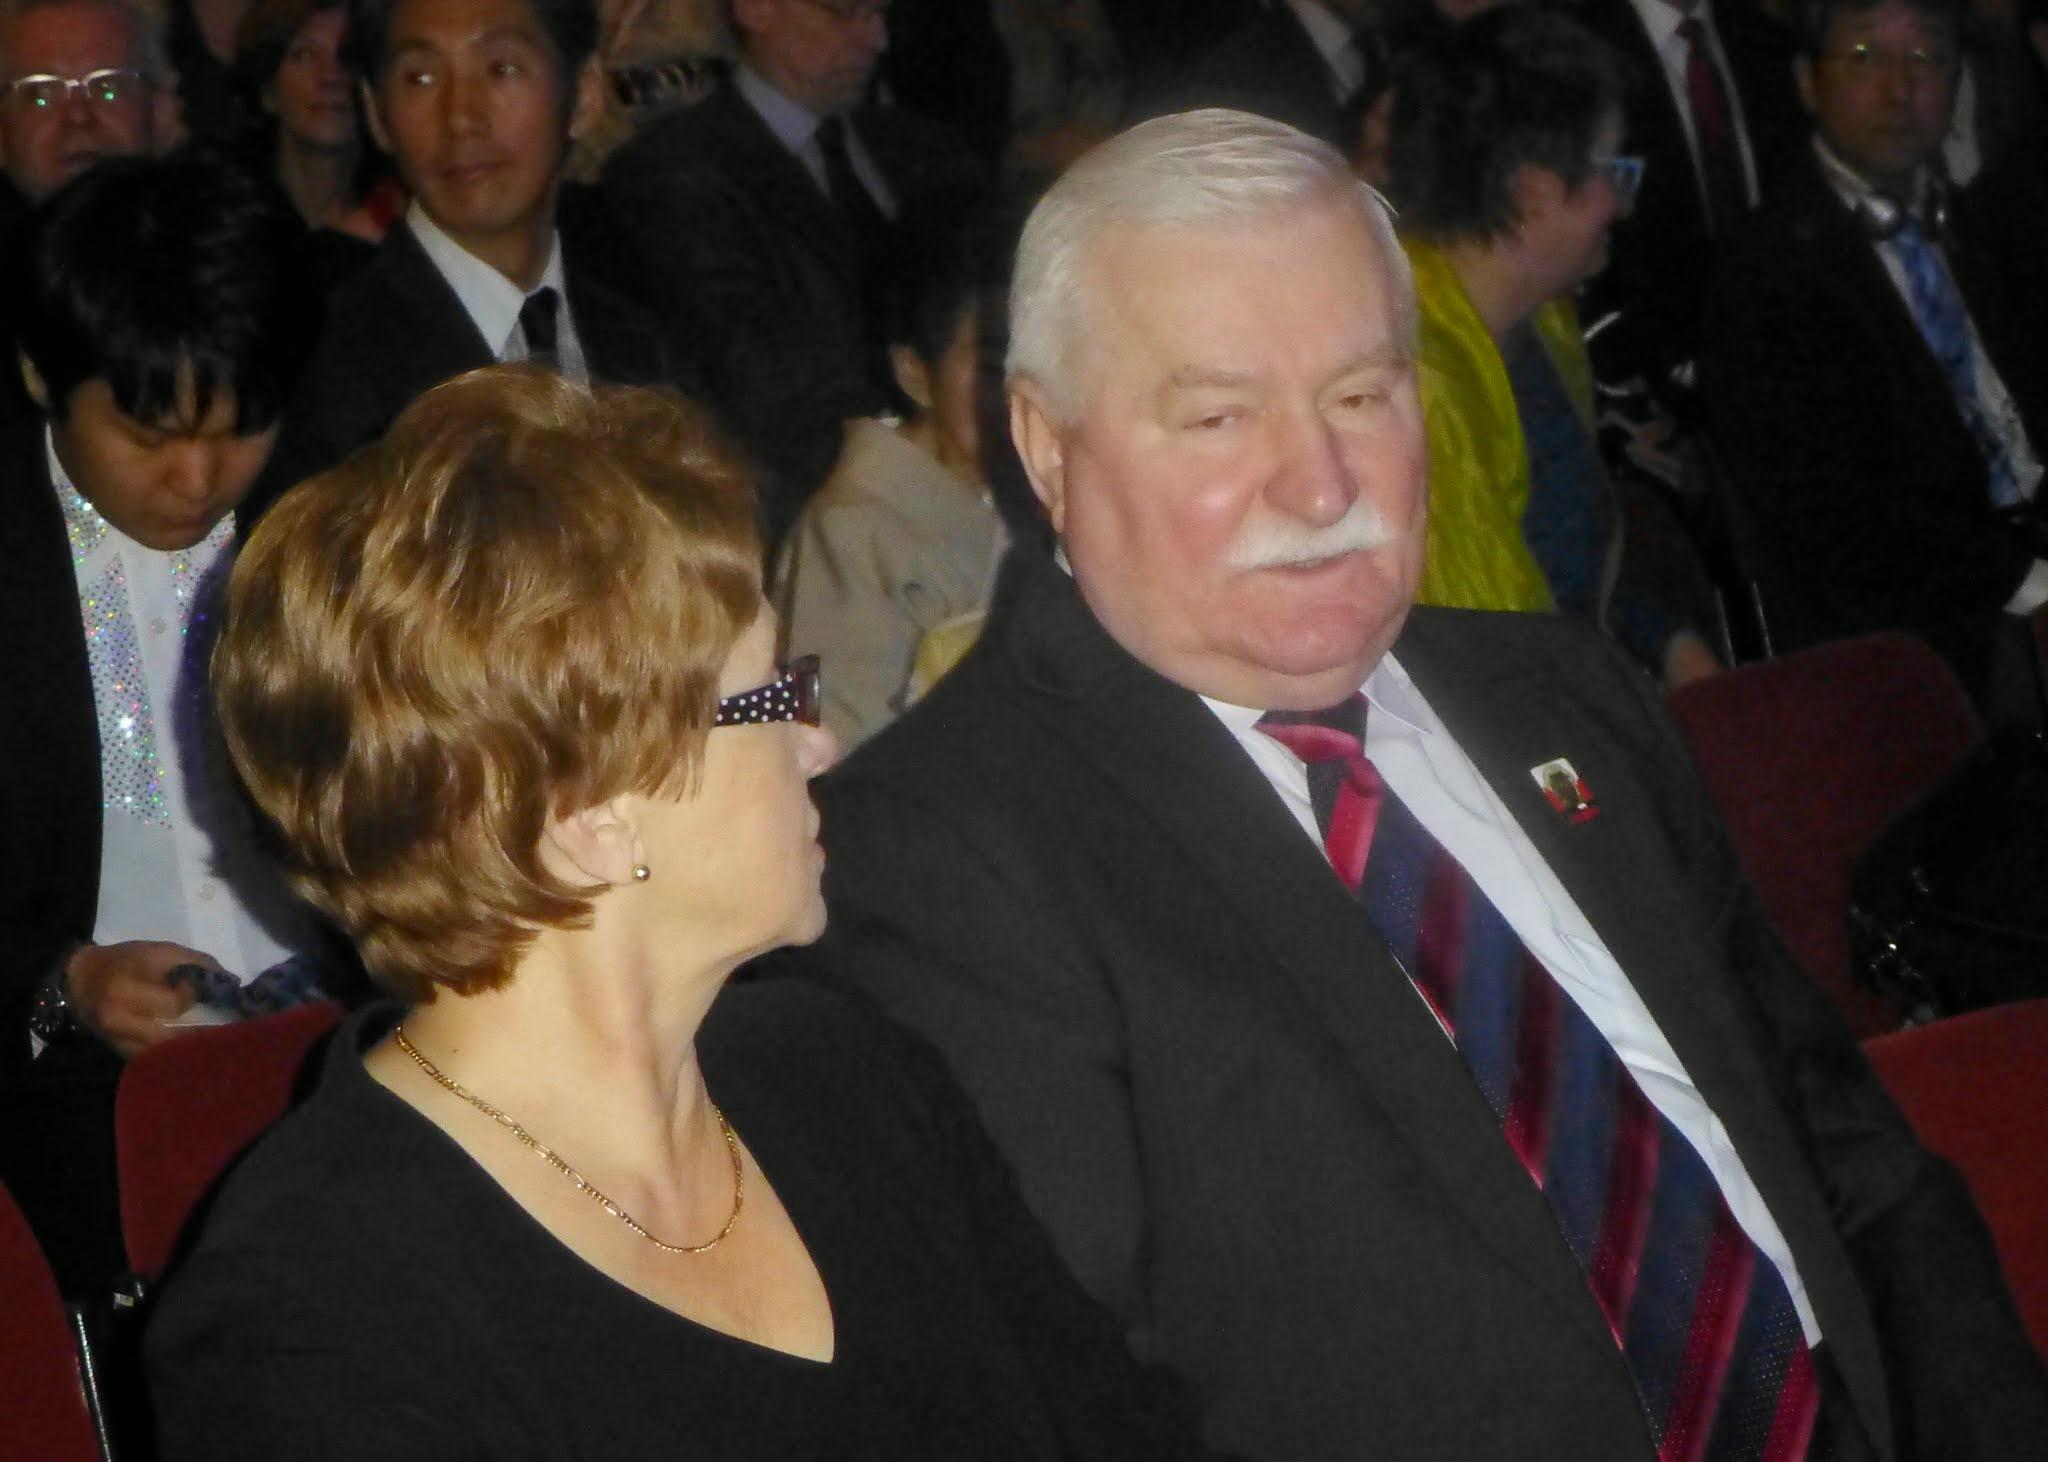 Photo: Prezydent Lech Wałęsa z małżonką, Danutą